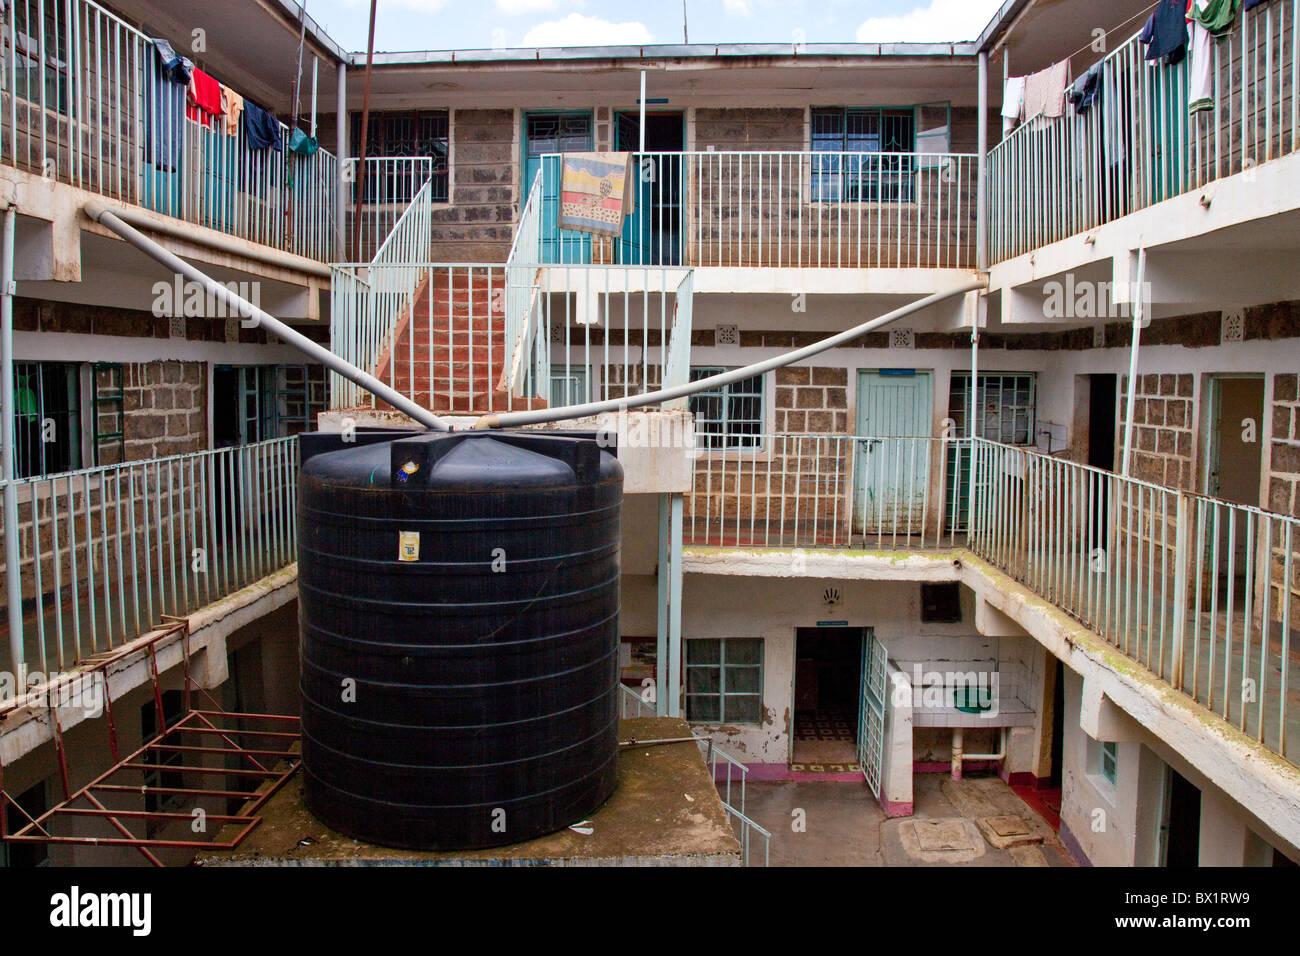 Water catchment system, Maji Mazuri Children's Centre, Nairobi, Kenya - Stock Image